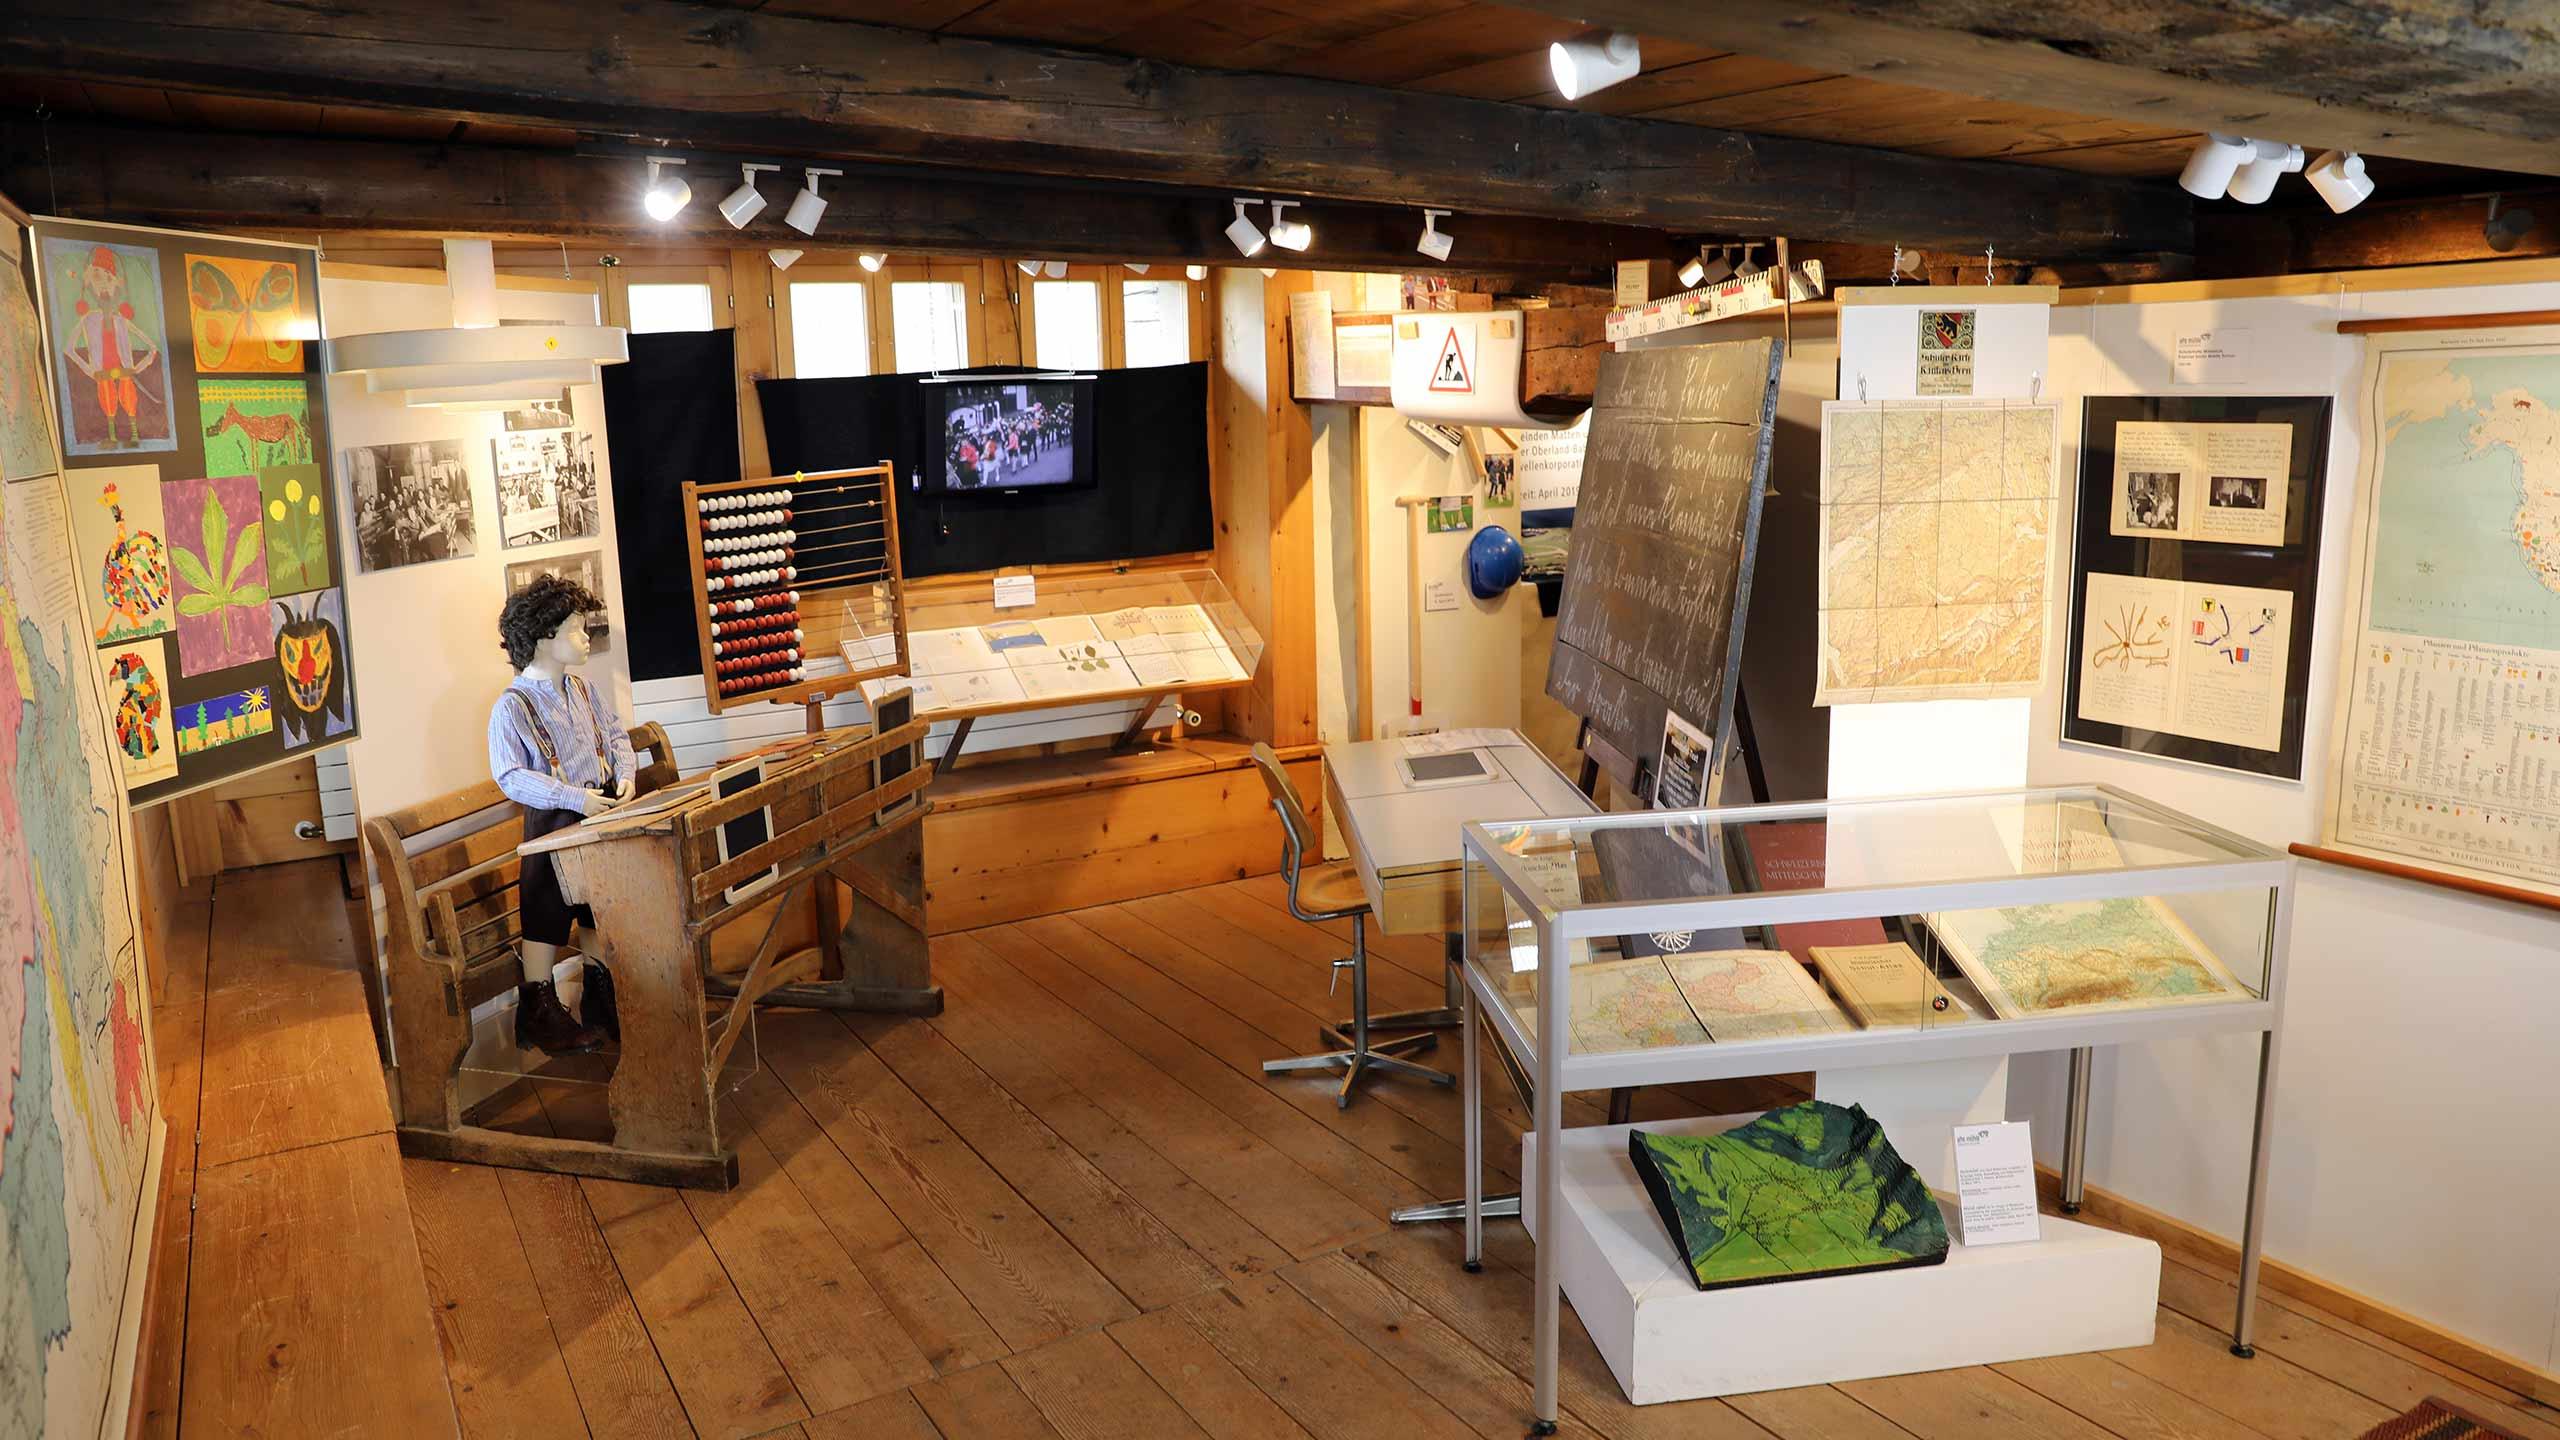 dorfmuseum-alte-muehle-wilderswil-ausstellung-alte-schulstube.jpg